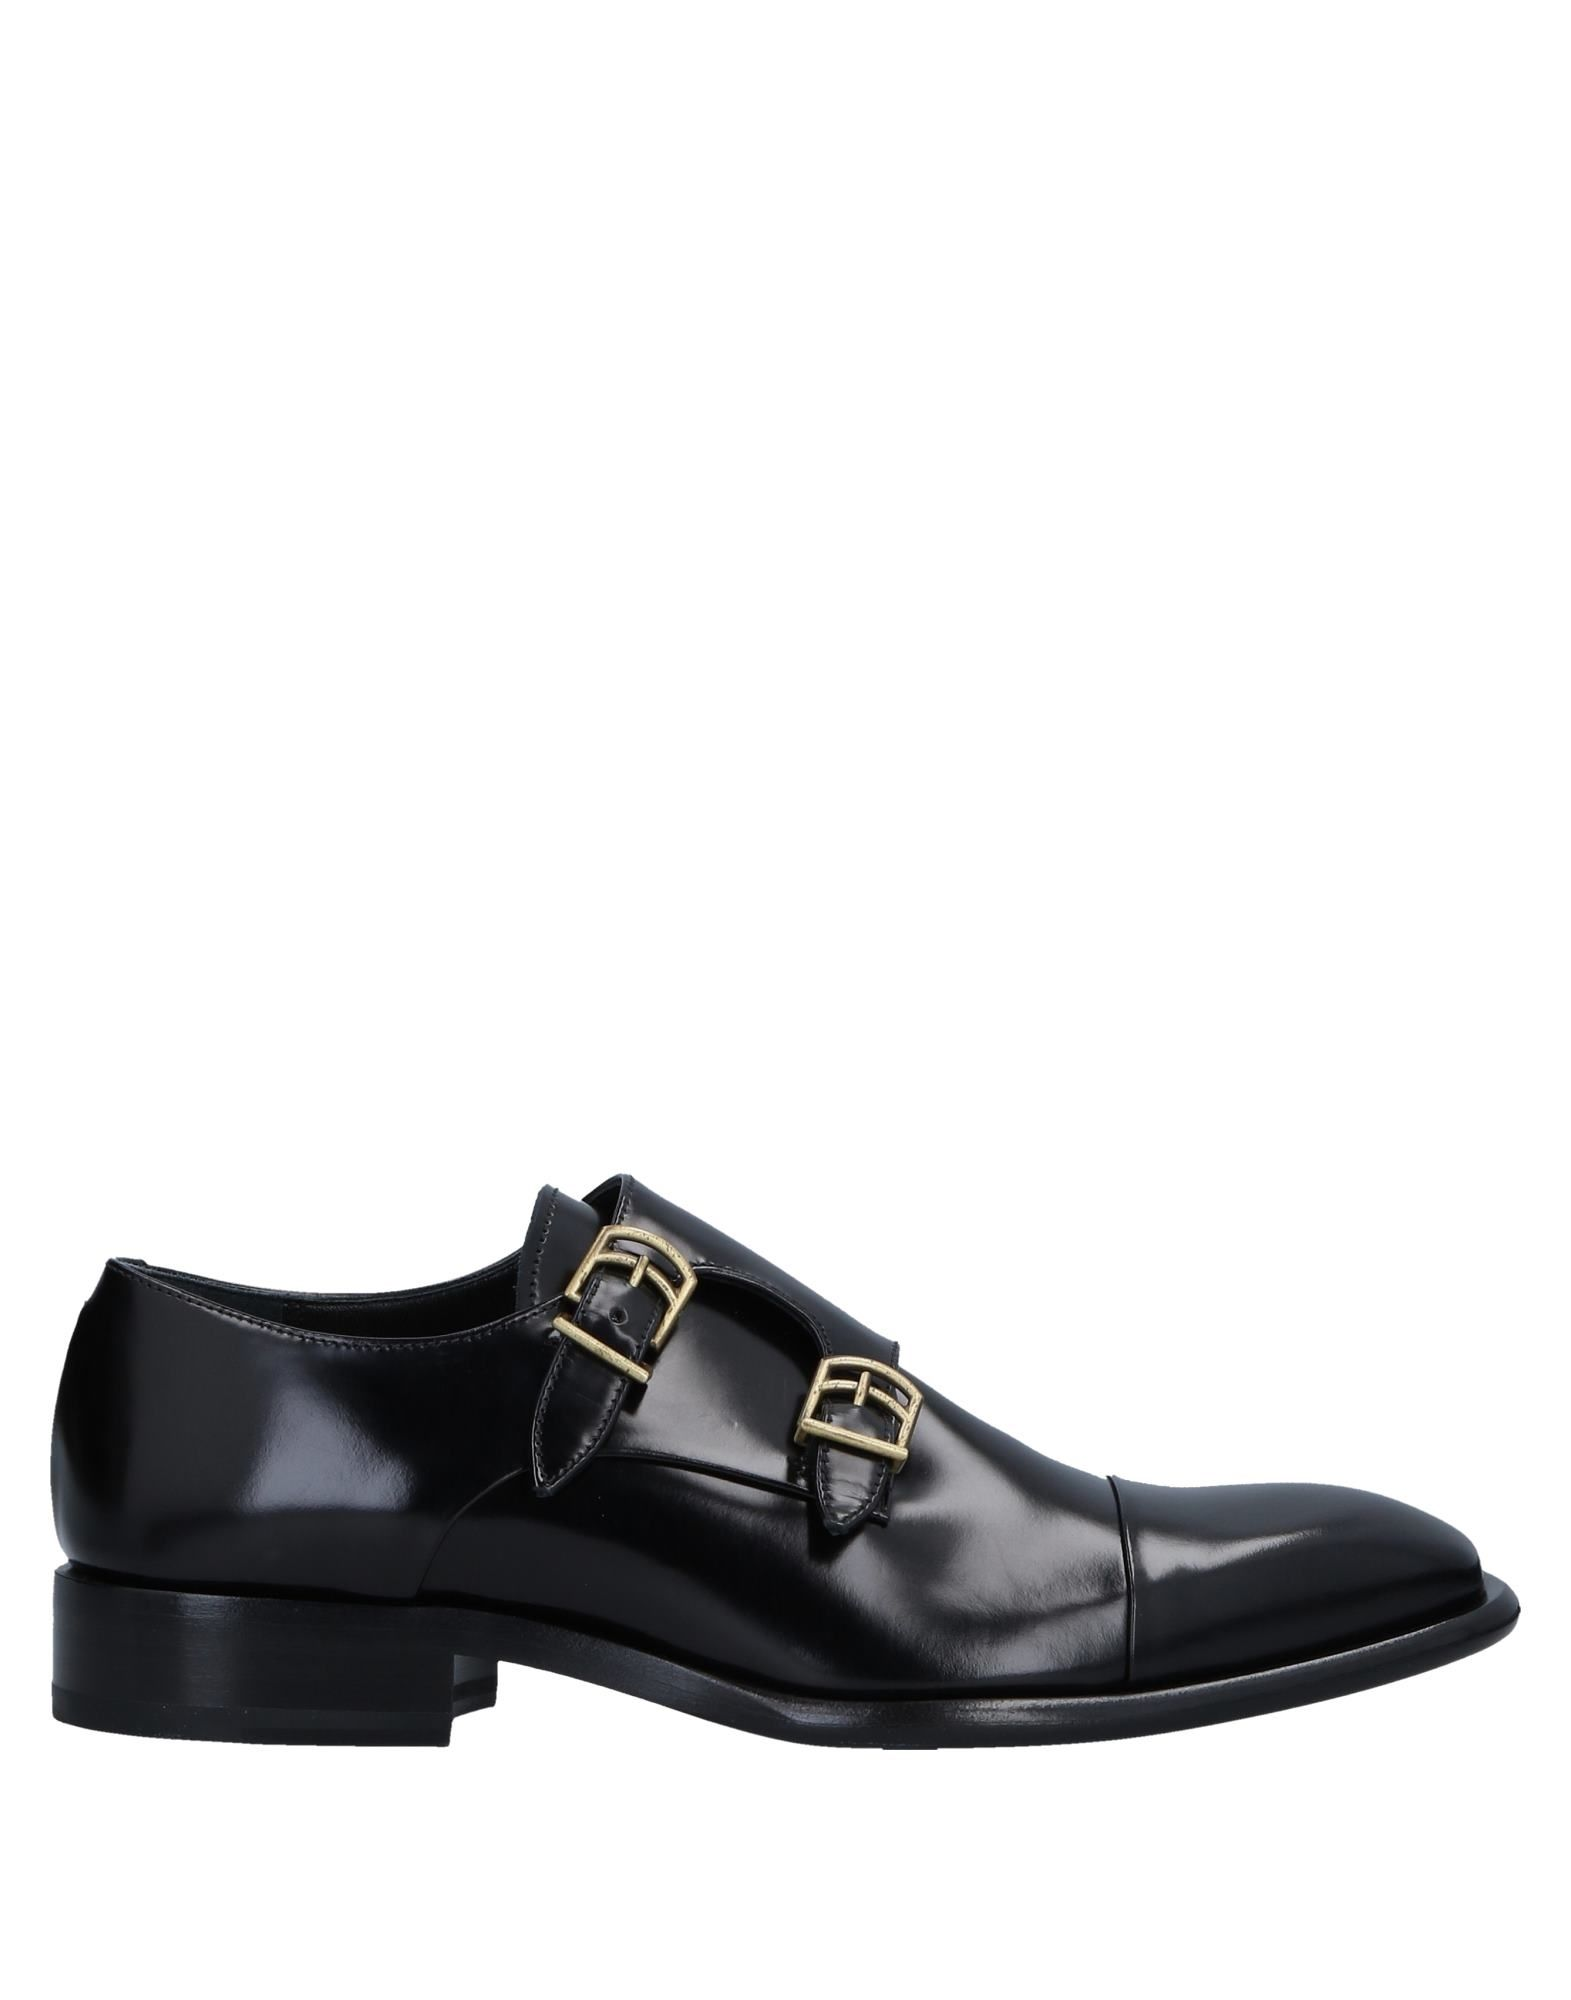 Jil Sander Mokassins Damen Schuhe  11540514XTGünstige gut aussehende Schuhe Damen 21256b